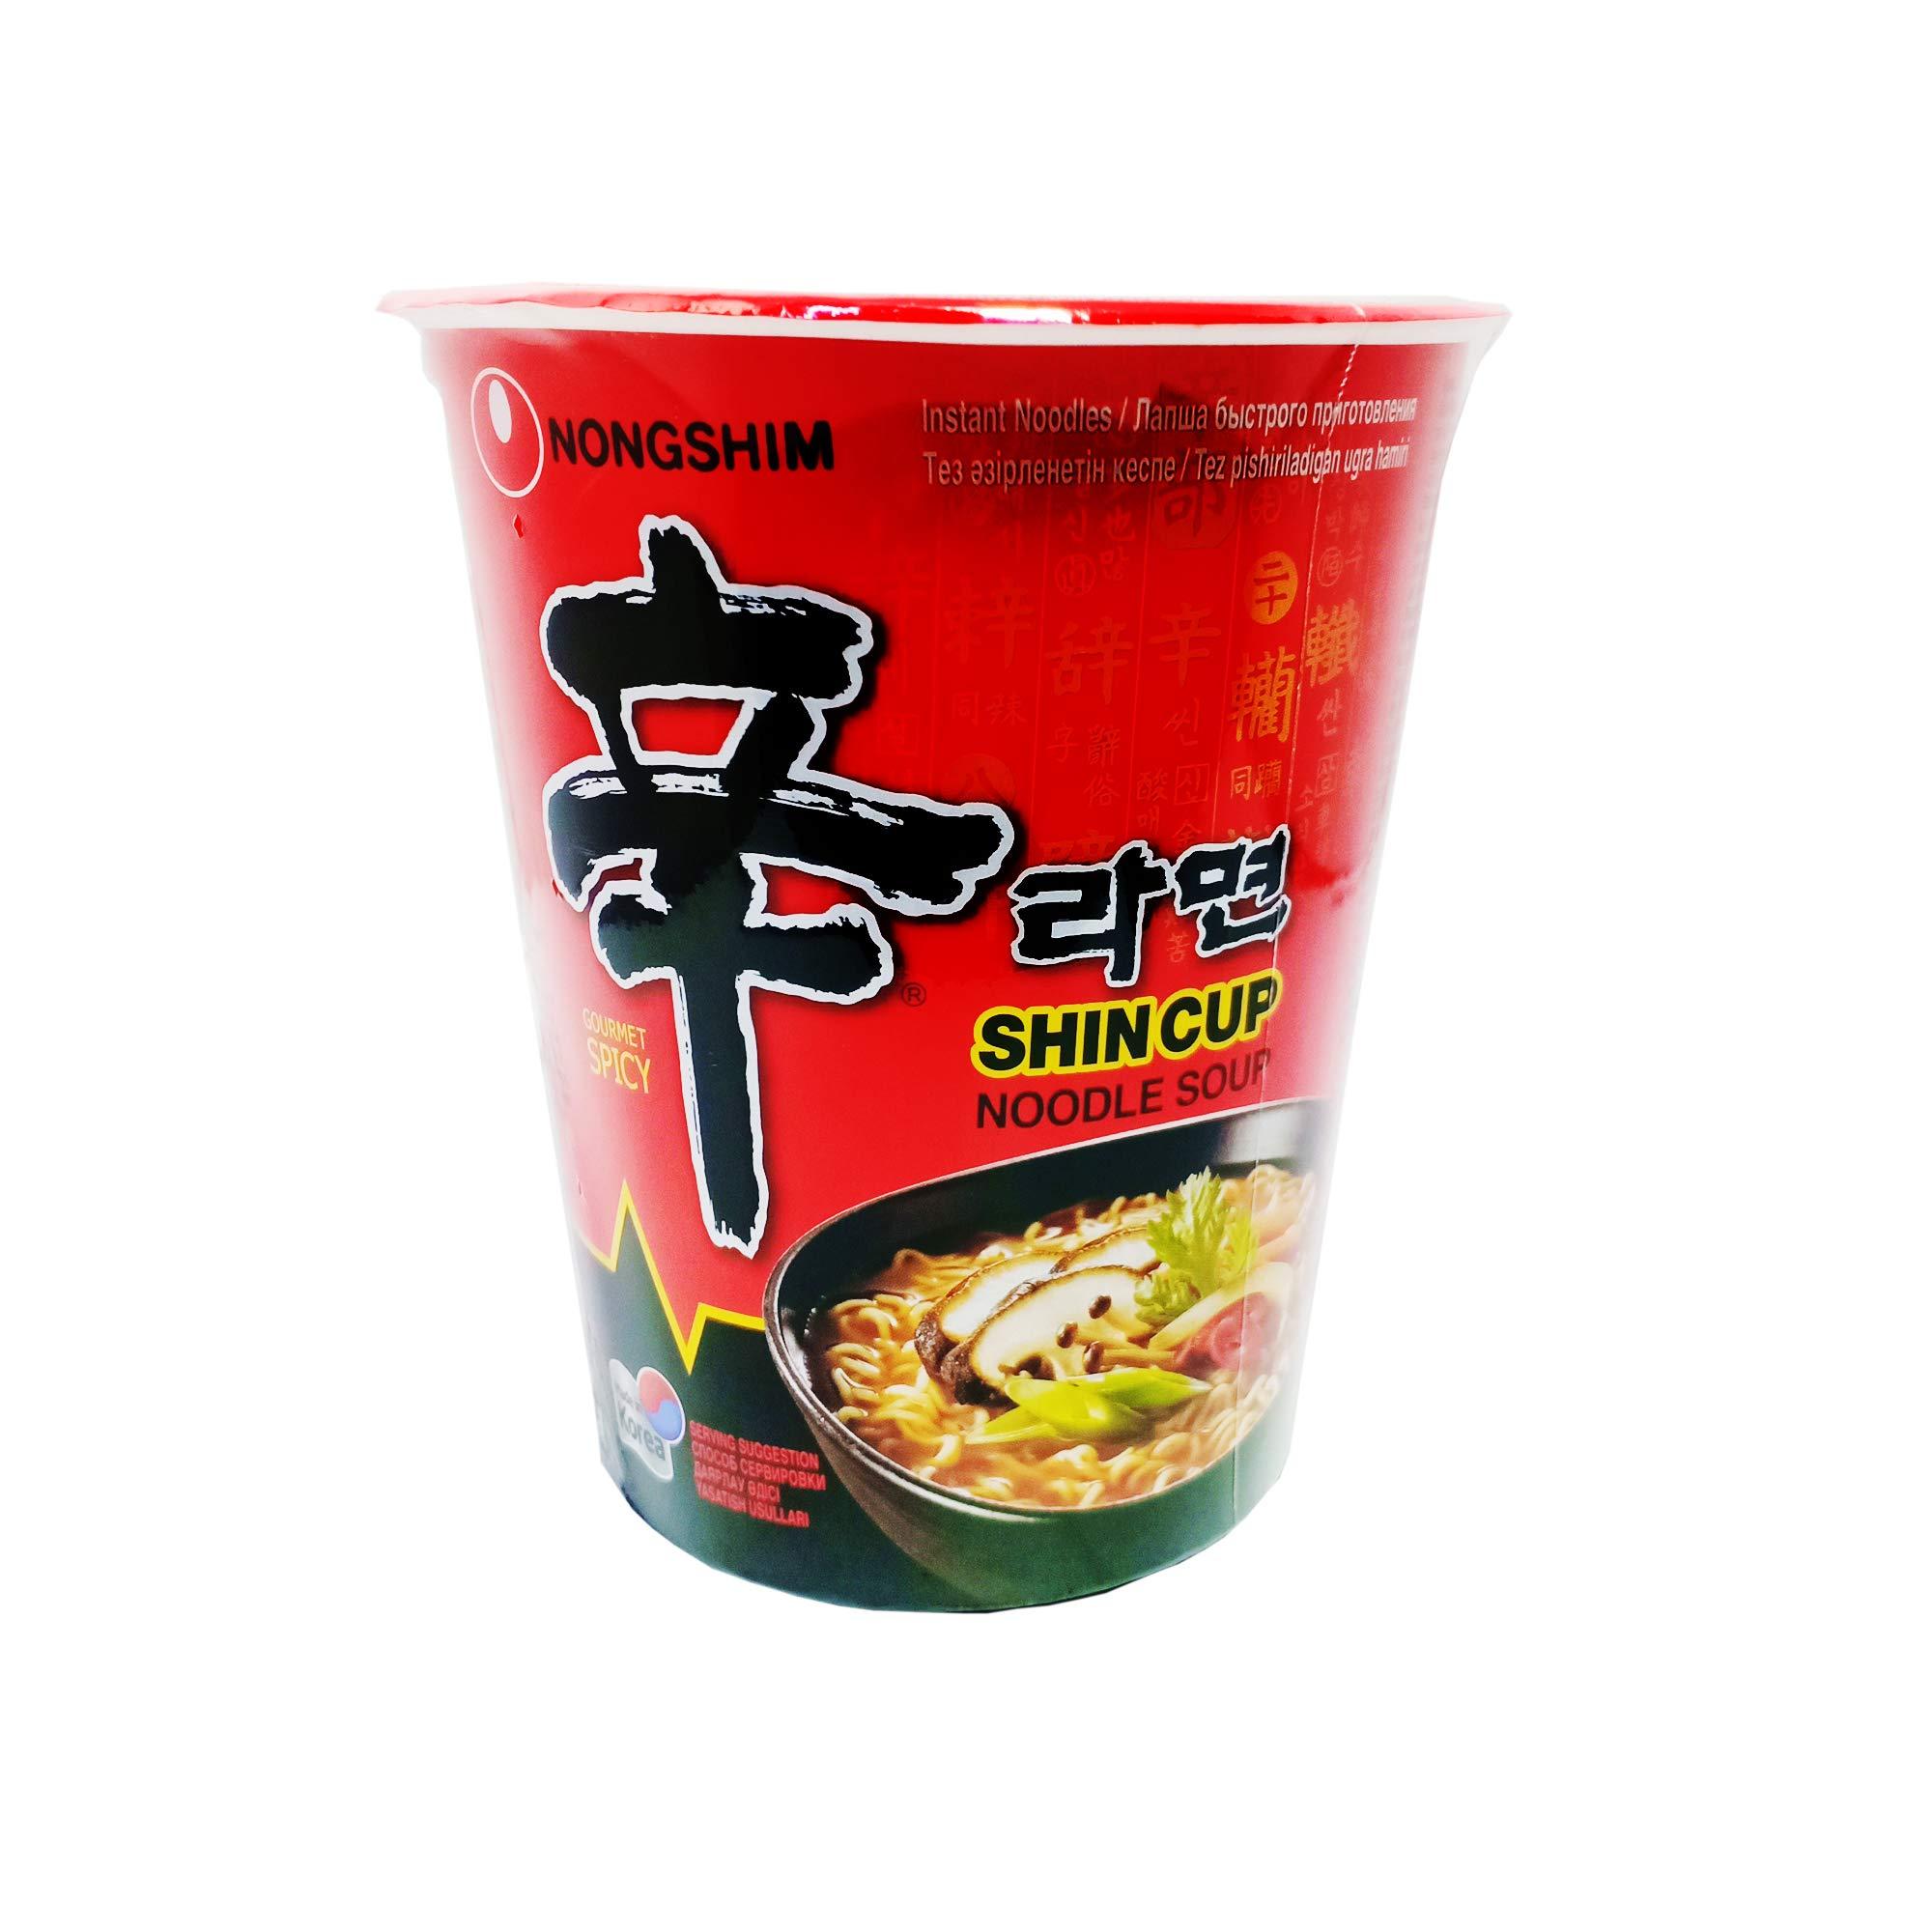 Nong Shim Shin Cup Noodle Soup (68 g)